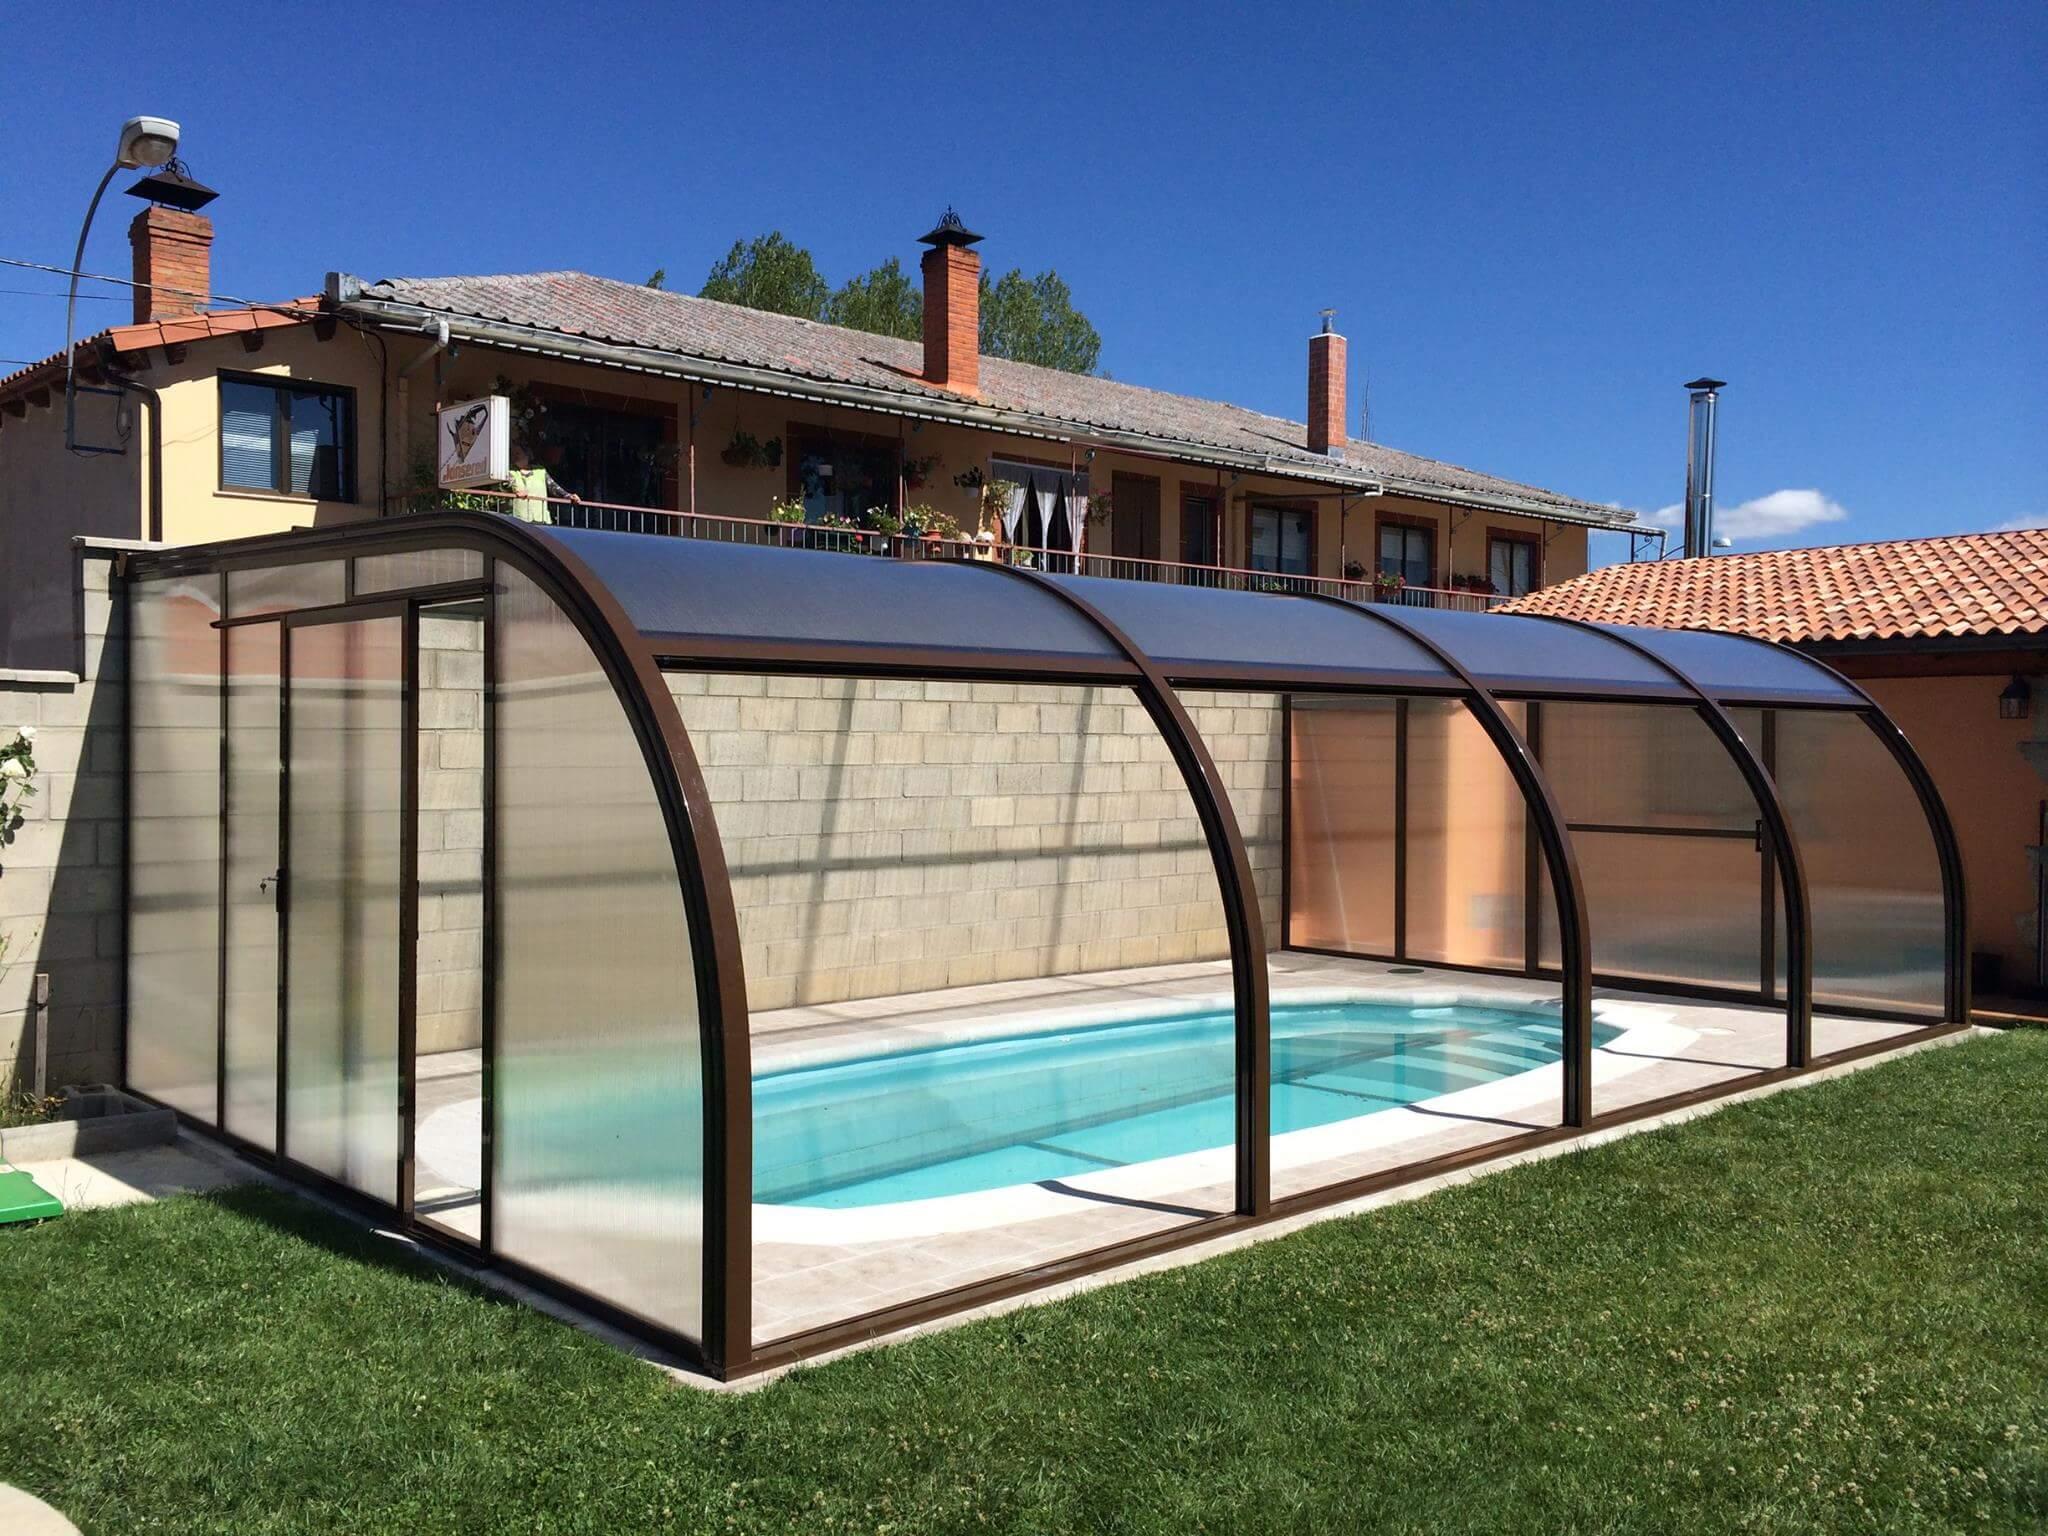 Cuanto cuesta cubrir una piscina trendy reparacin e de - Cuanto cuesta una piscina ...